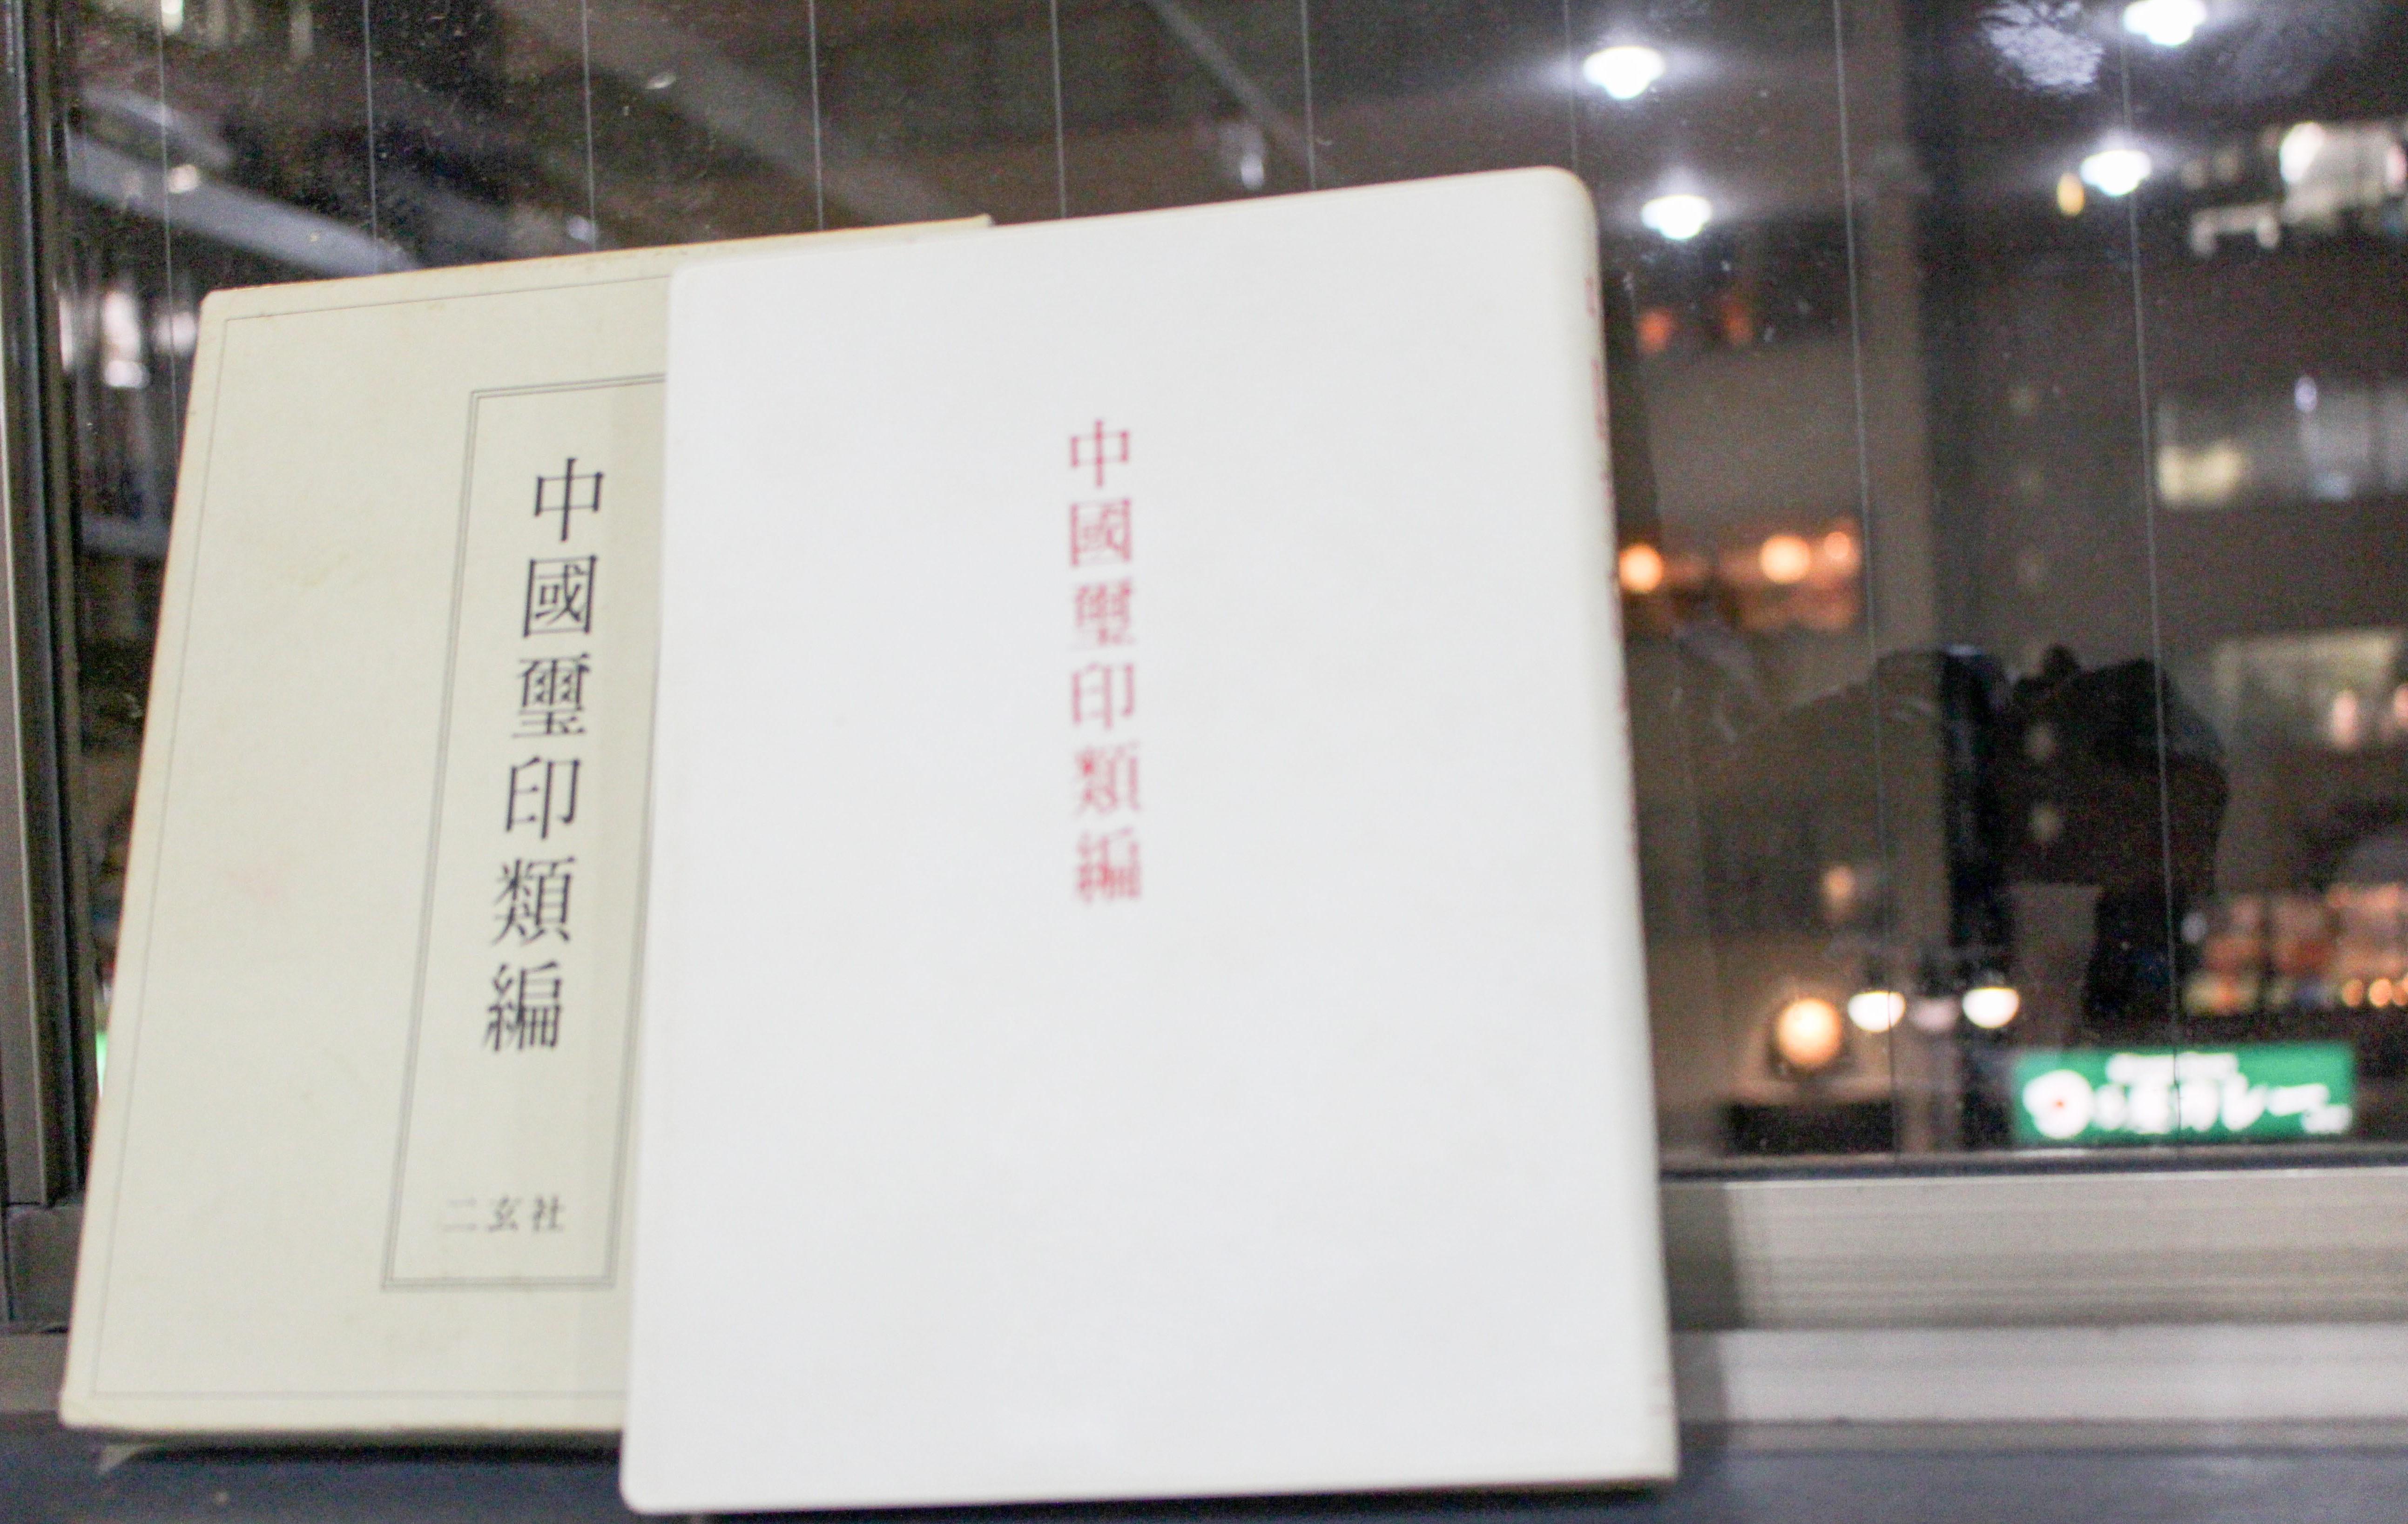 悠久堂書店『中国璽印類編』二玄社 2018/03/26